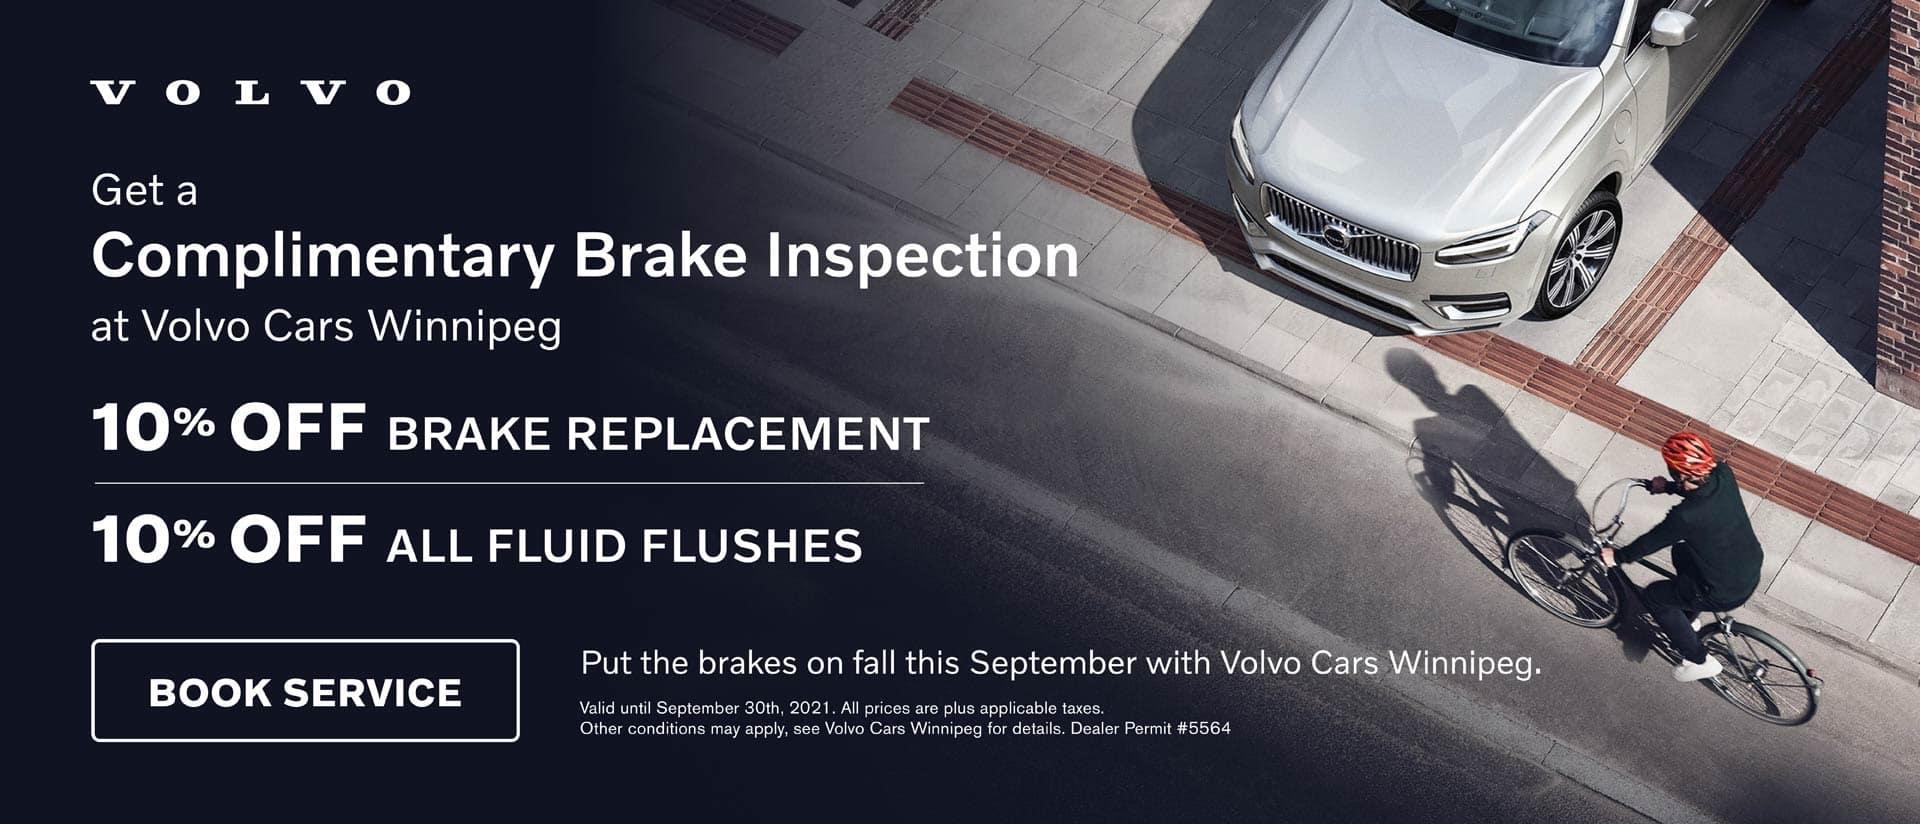 Volvo September Brake Service Offer